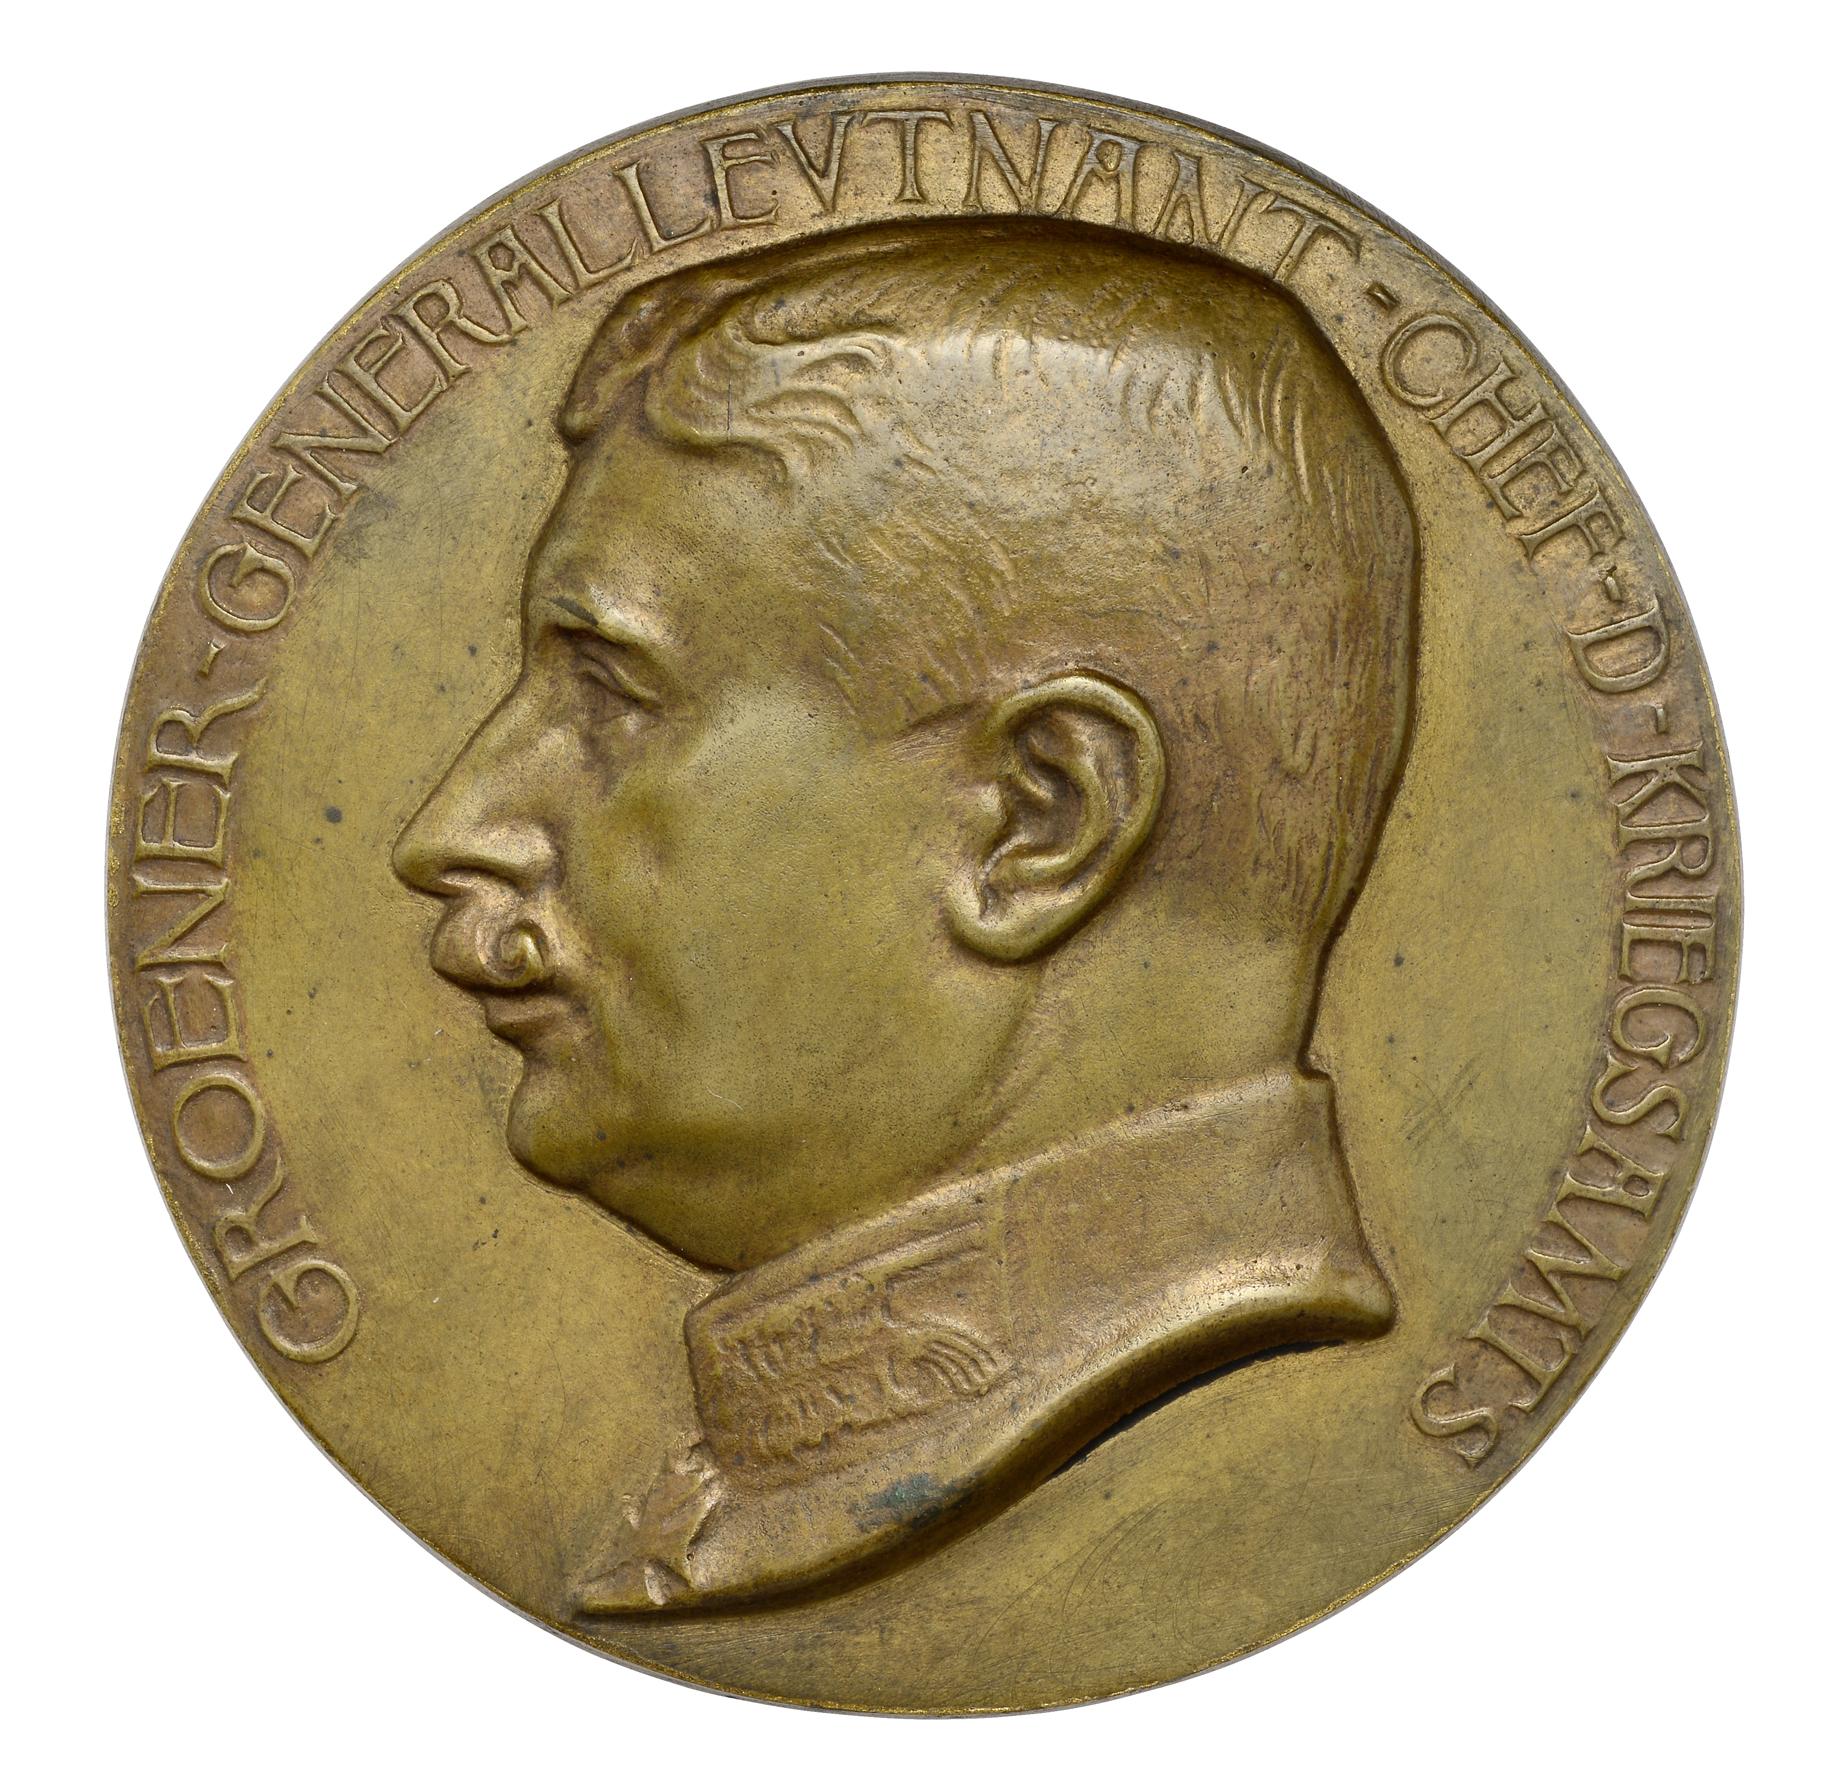 Schulz, Paul: Generalleutnant Wilhelm Groener